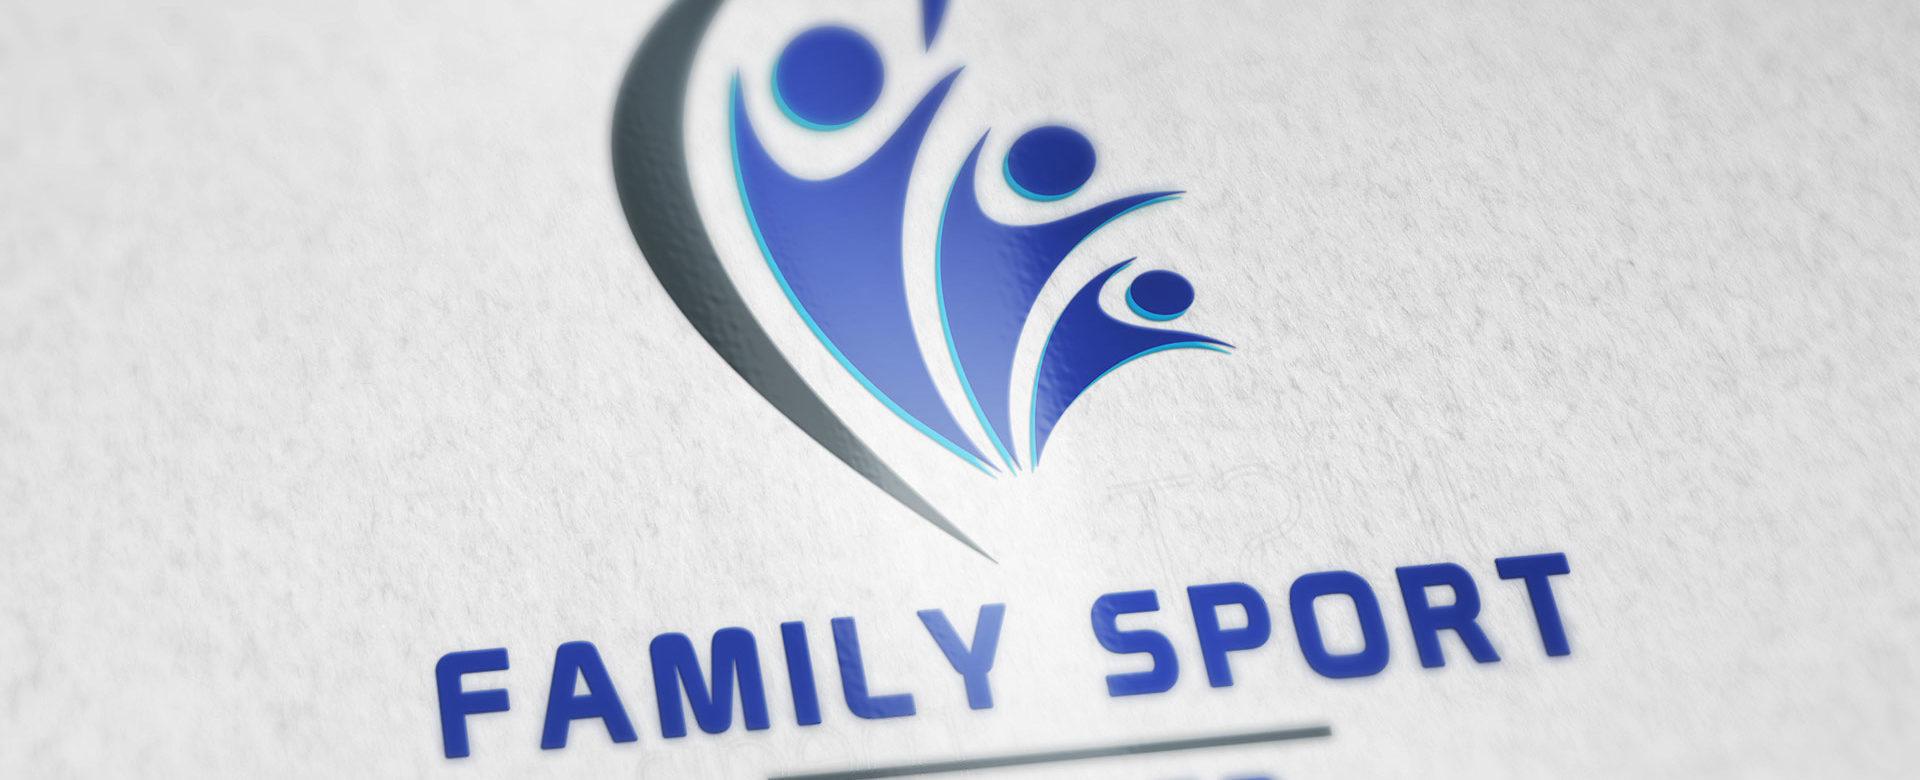 family-sport-center-logo-corse